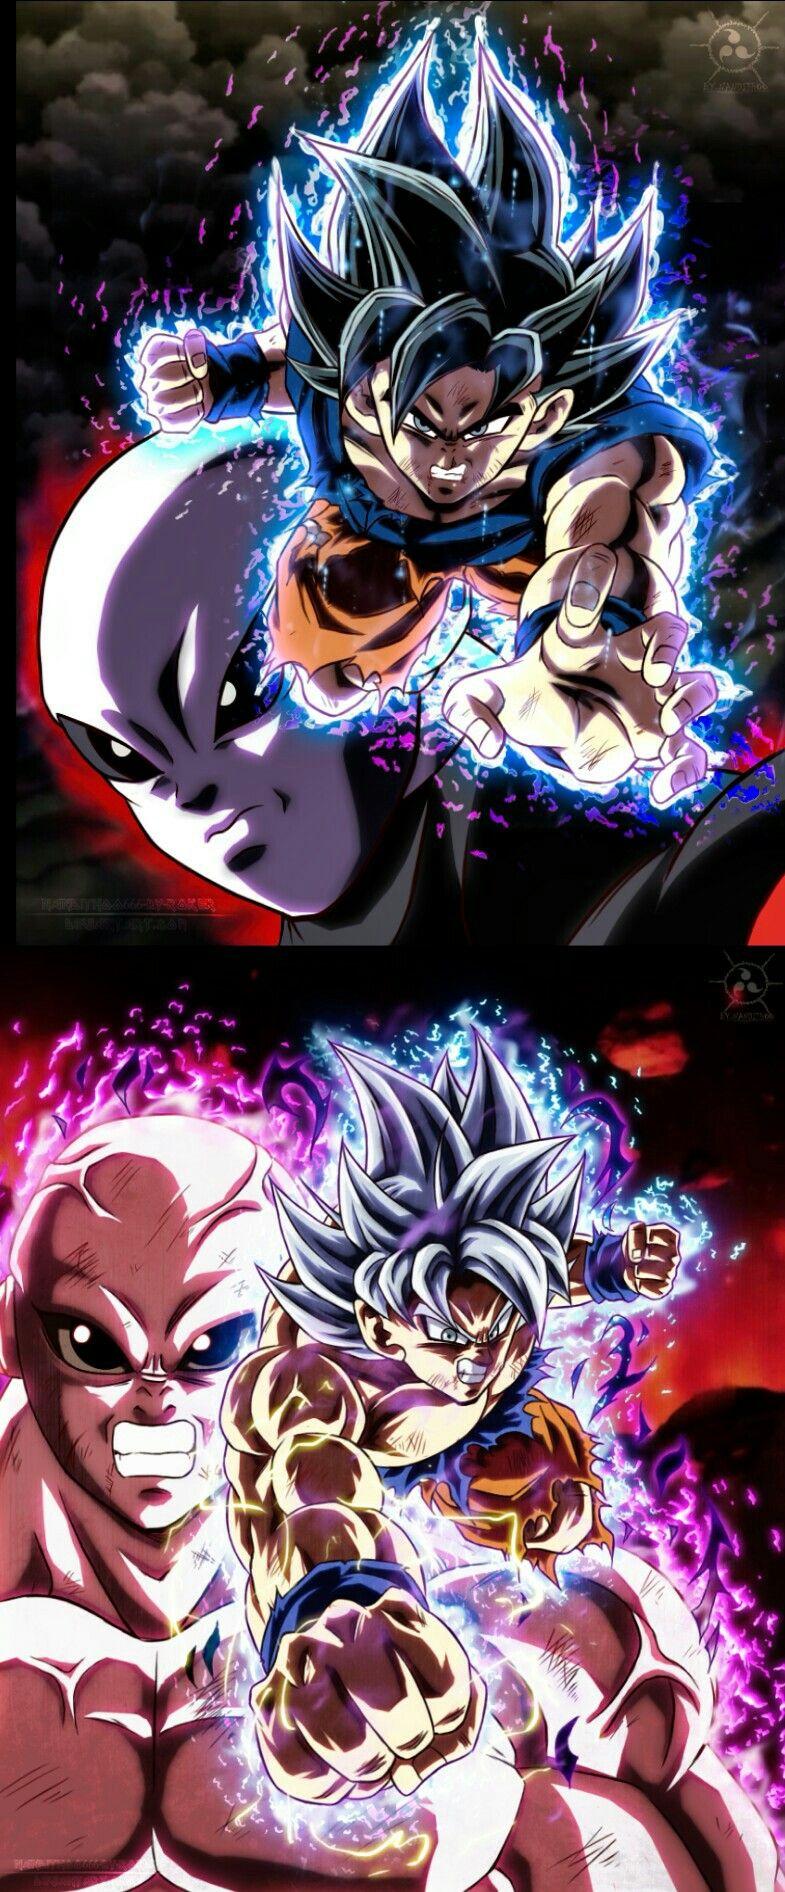 Goku Vs Jiren Dragon Ball Artwork Anime Dragon Ball Dragon Ball Super Goku